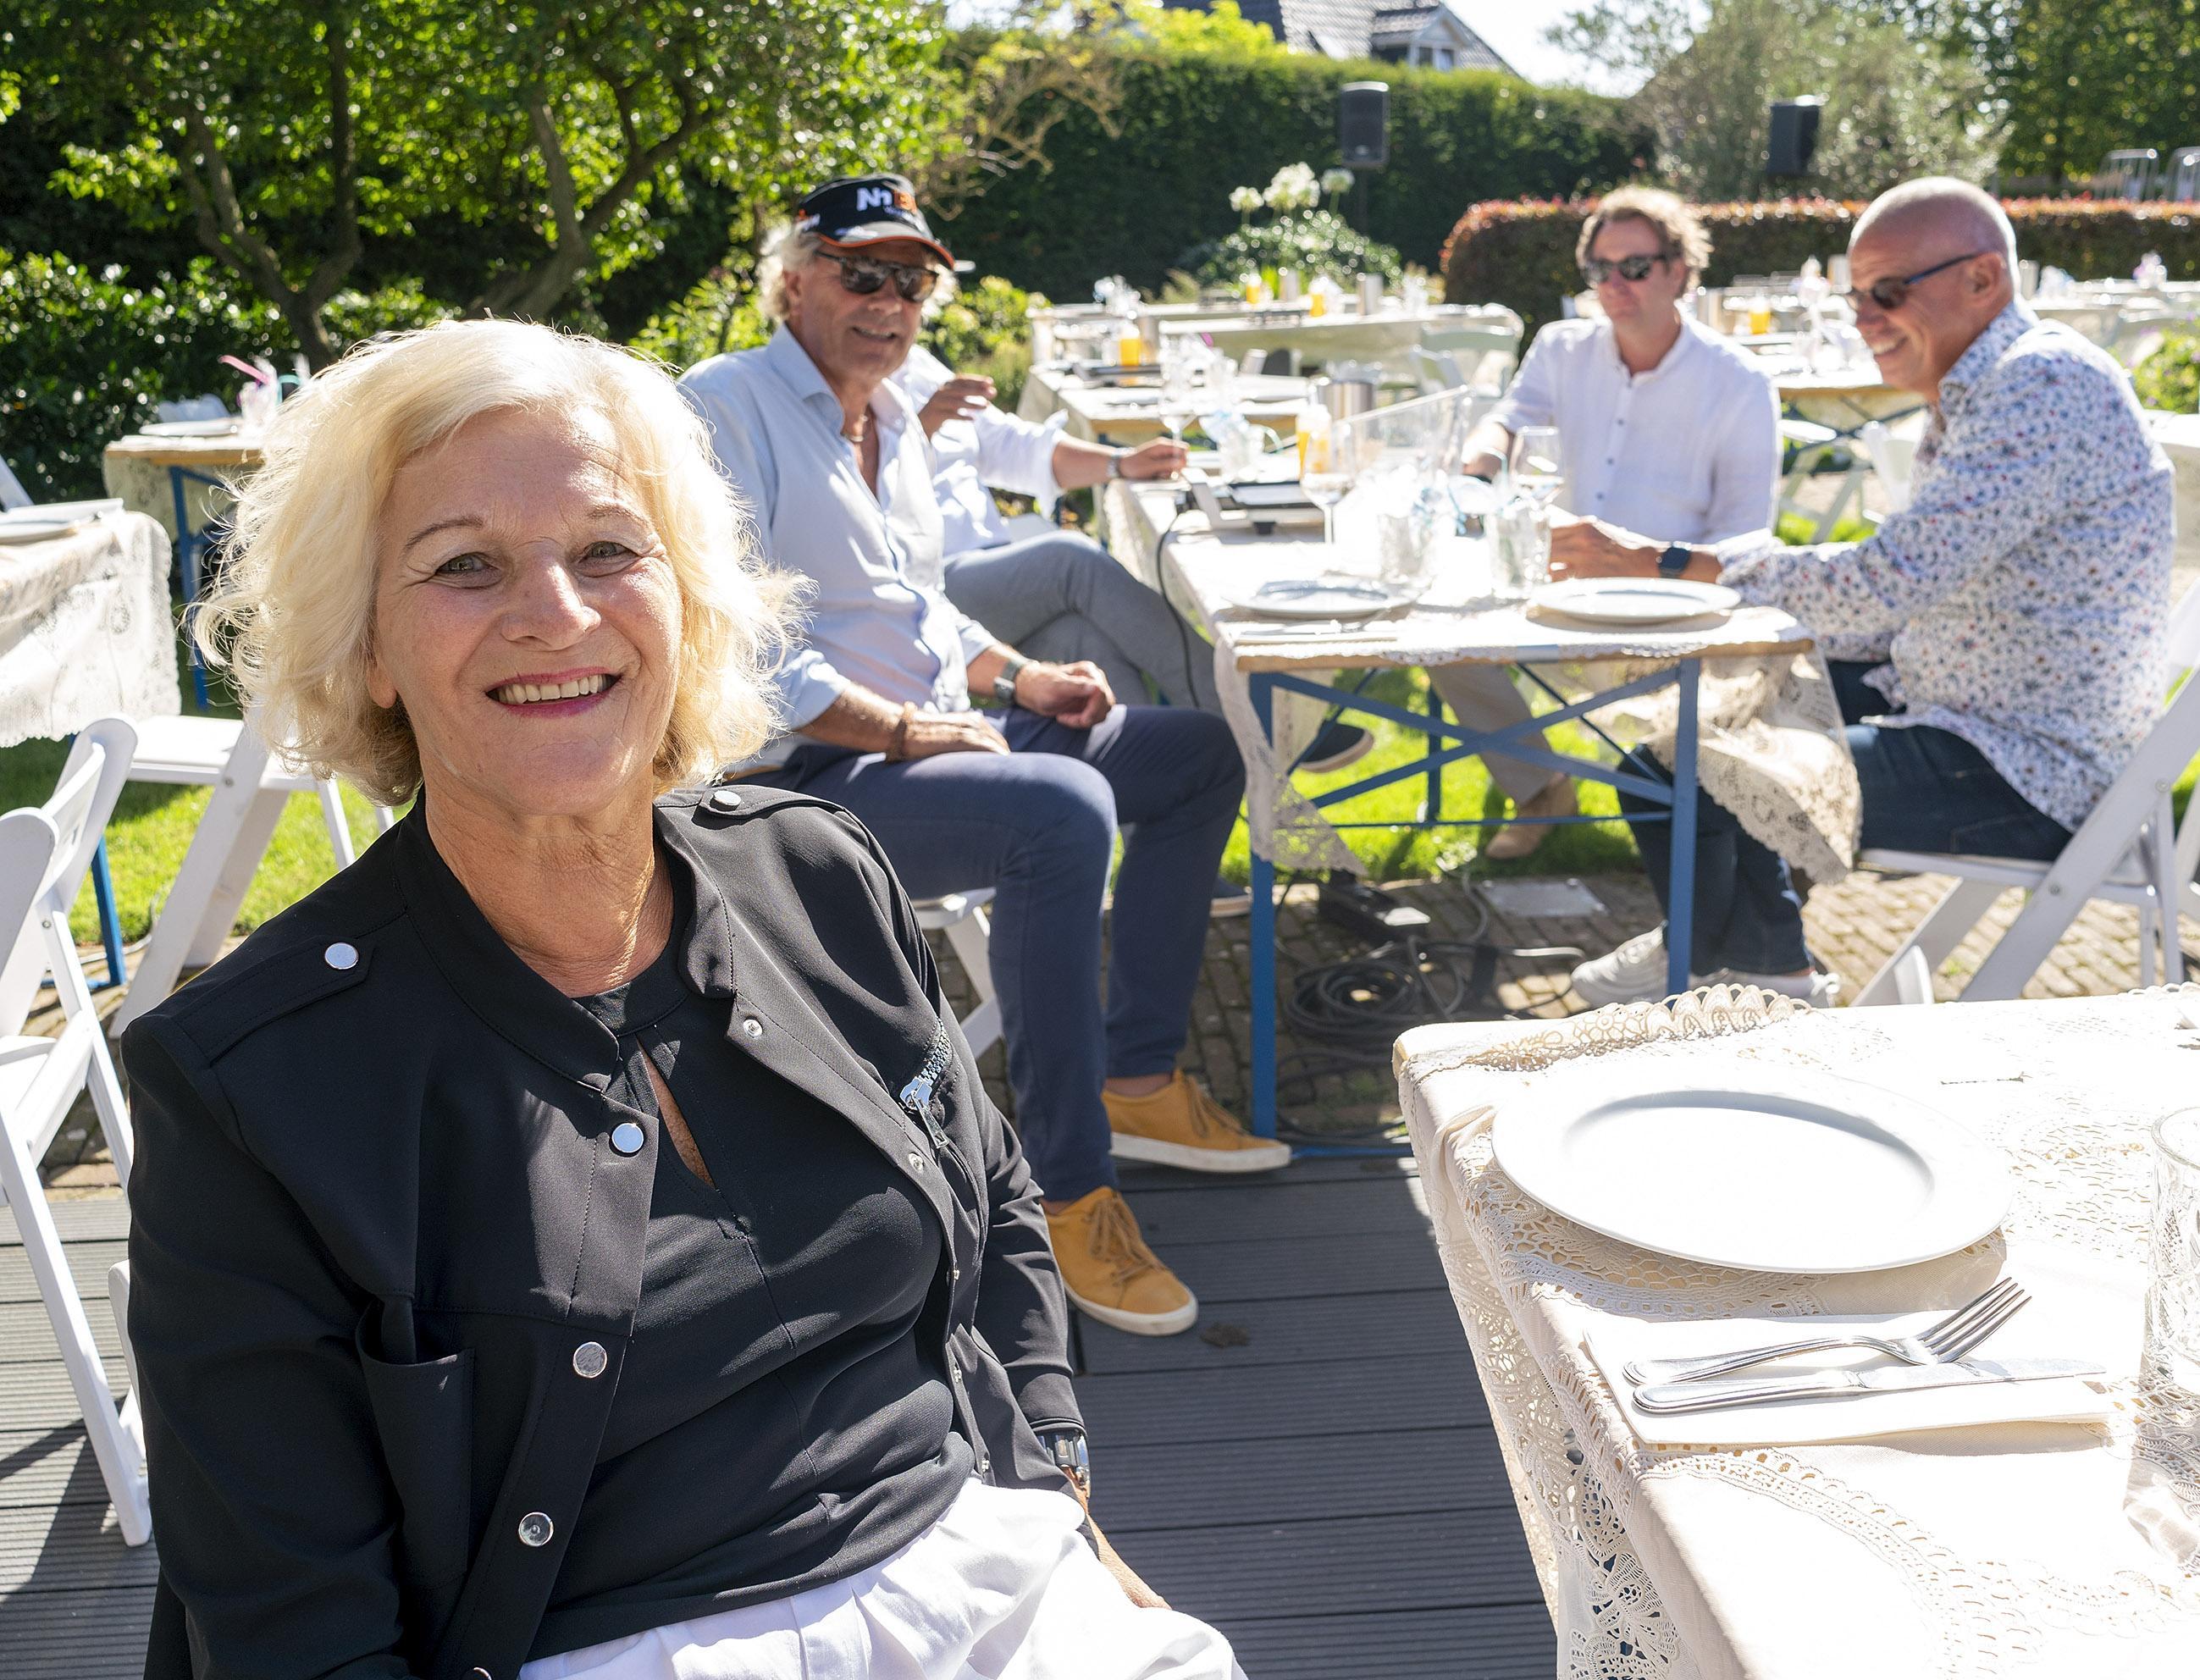 Hanneke Laan na 50 jaar weg bij verzekeraar NH1816. 'Op mijn eerste werkdag kon ik het kantoor niet meer vinden'